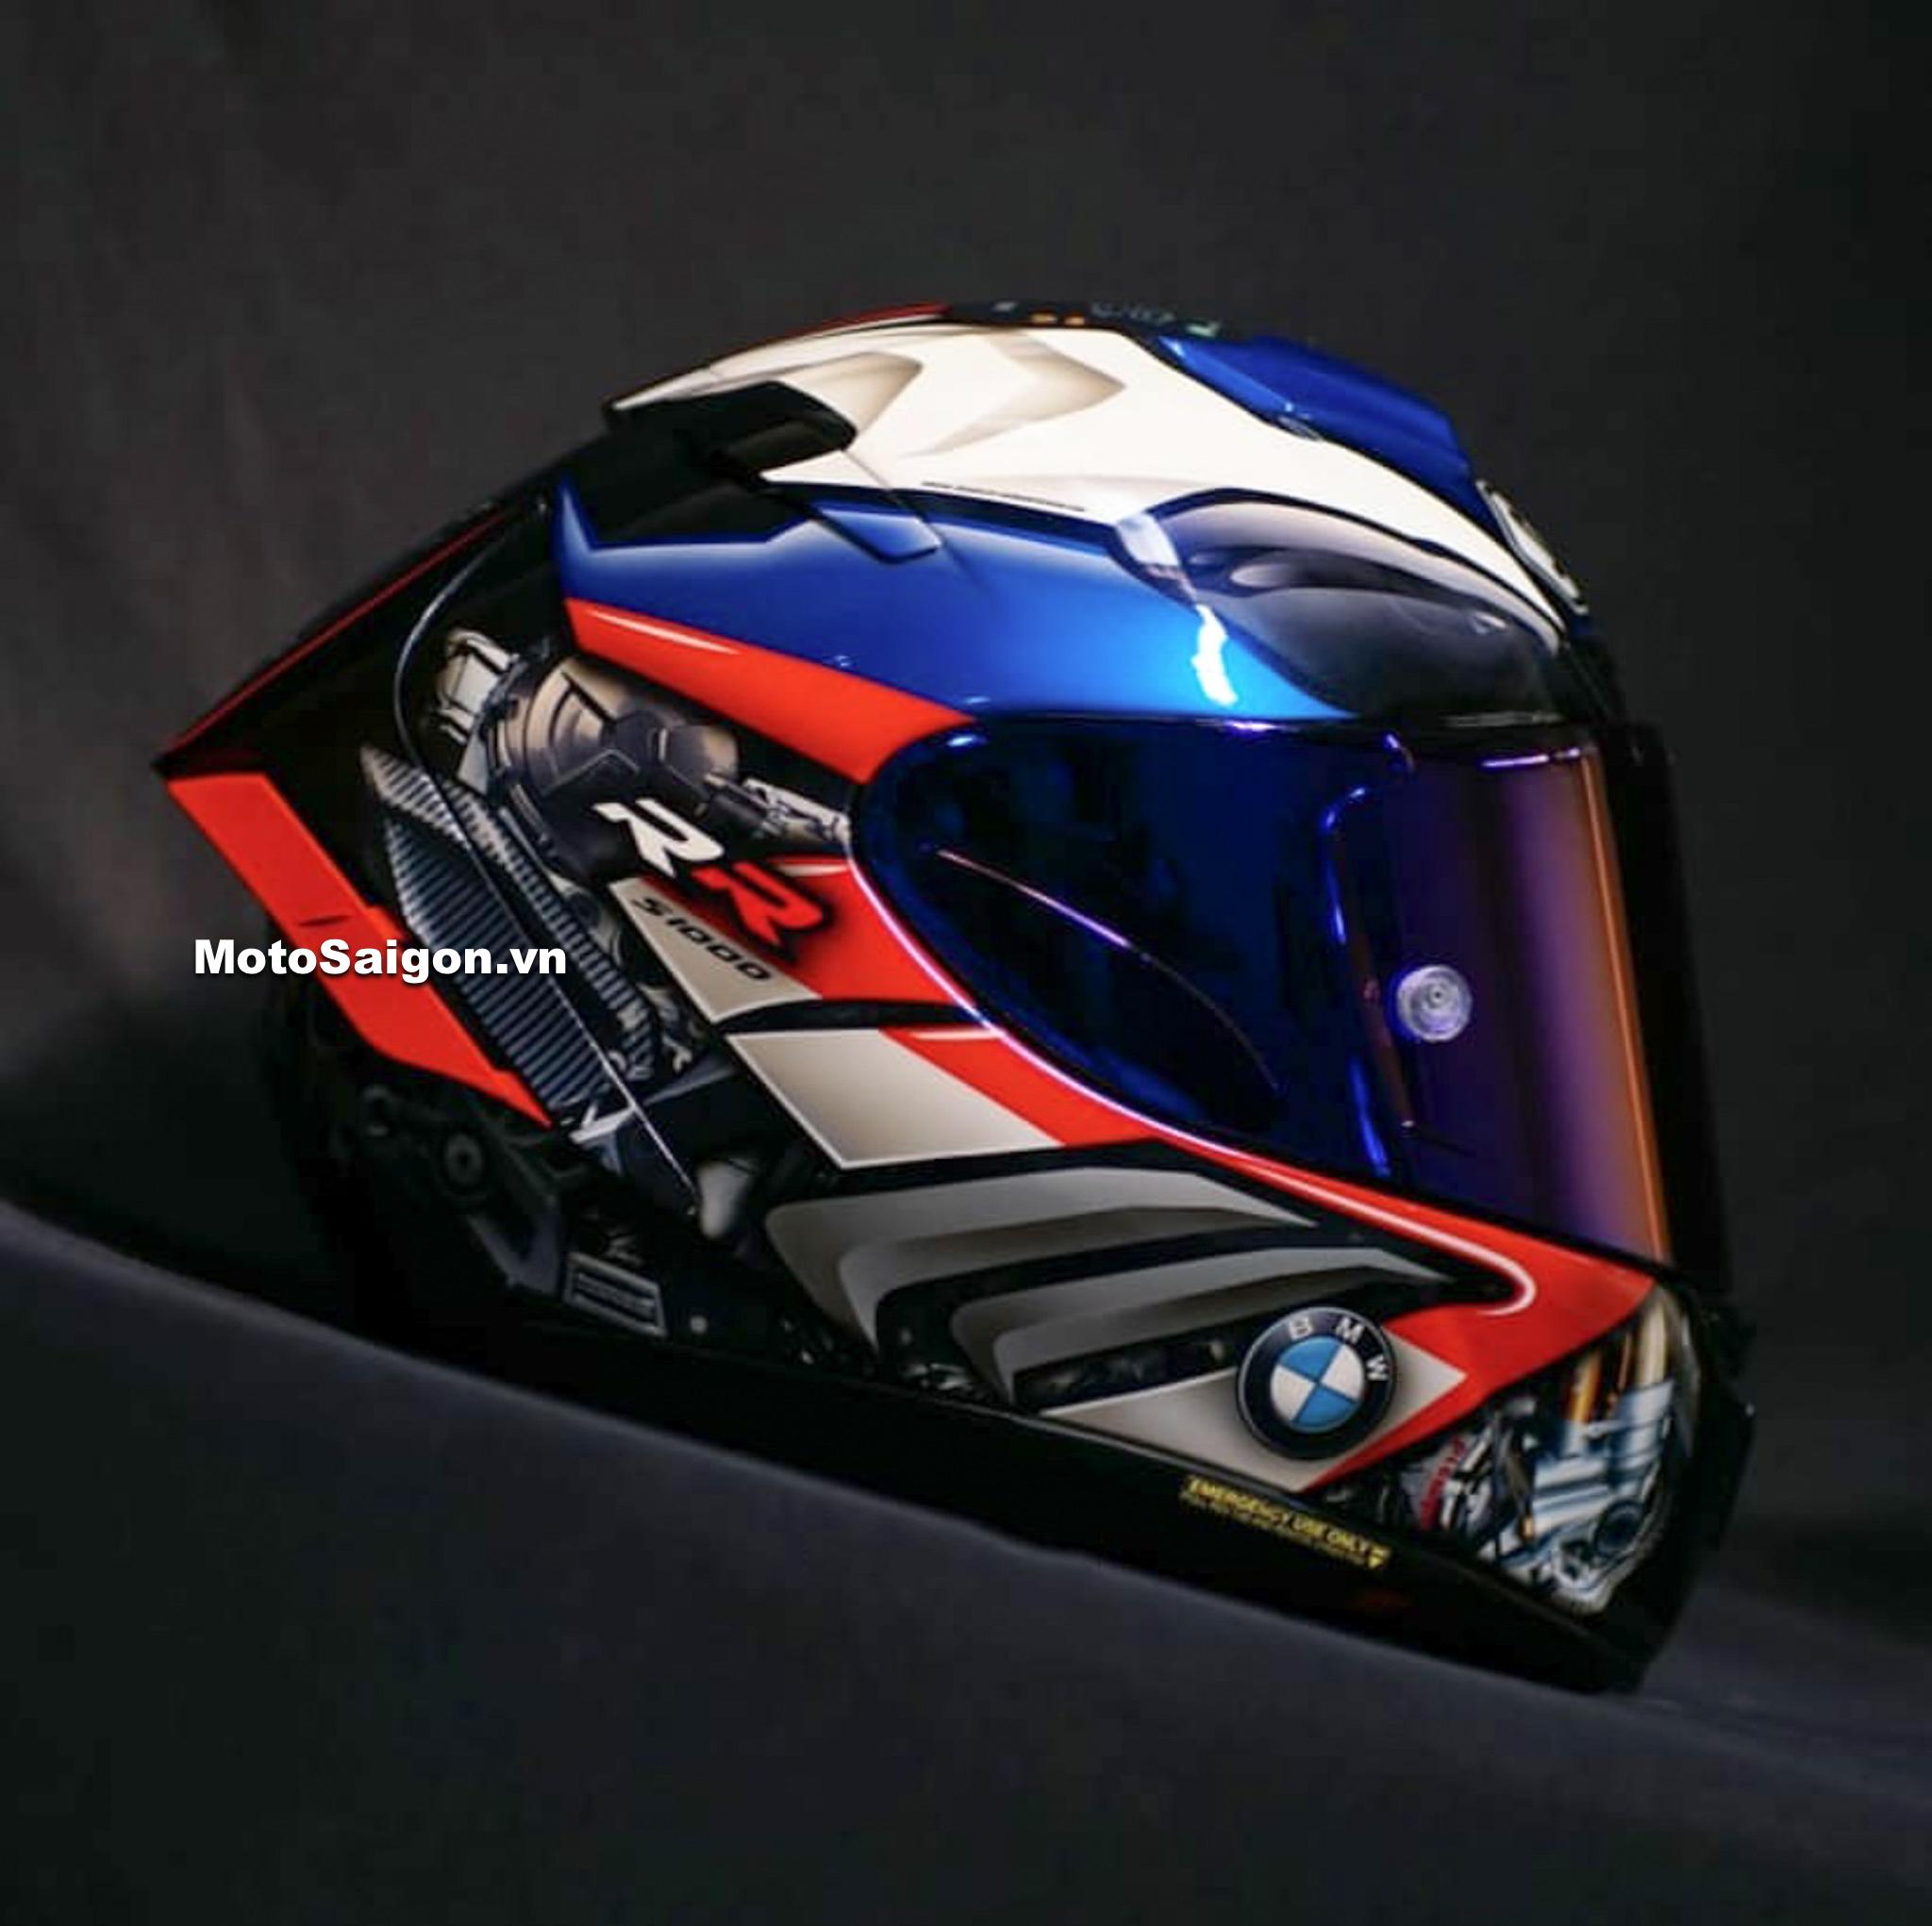 Nón bảo hiểm Shoei BMW S1000RR 2019 giá bán cực khủng